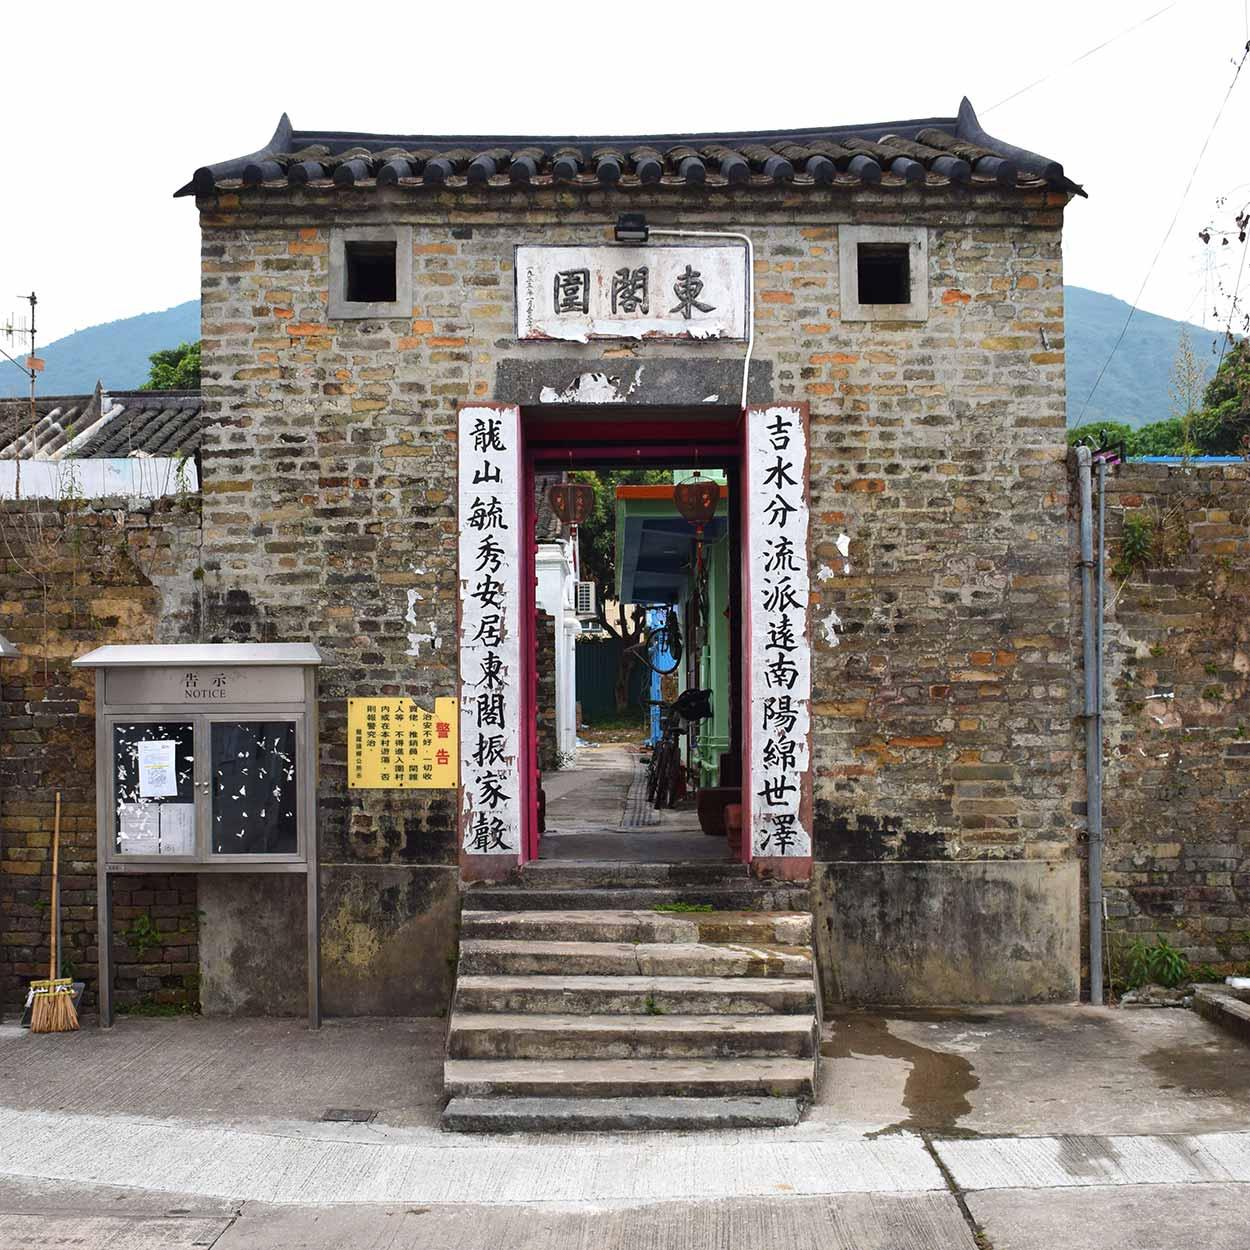 Tung Kok Wai walled village entrance, Lung Yeuk Tau Heritage Trail, Hong Kong, China